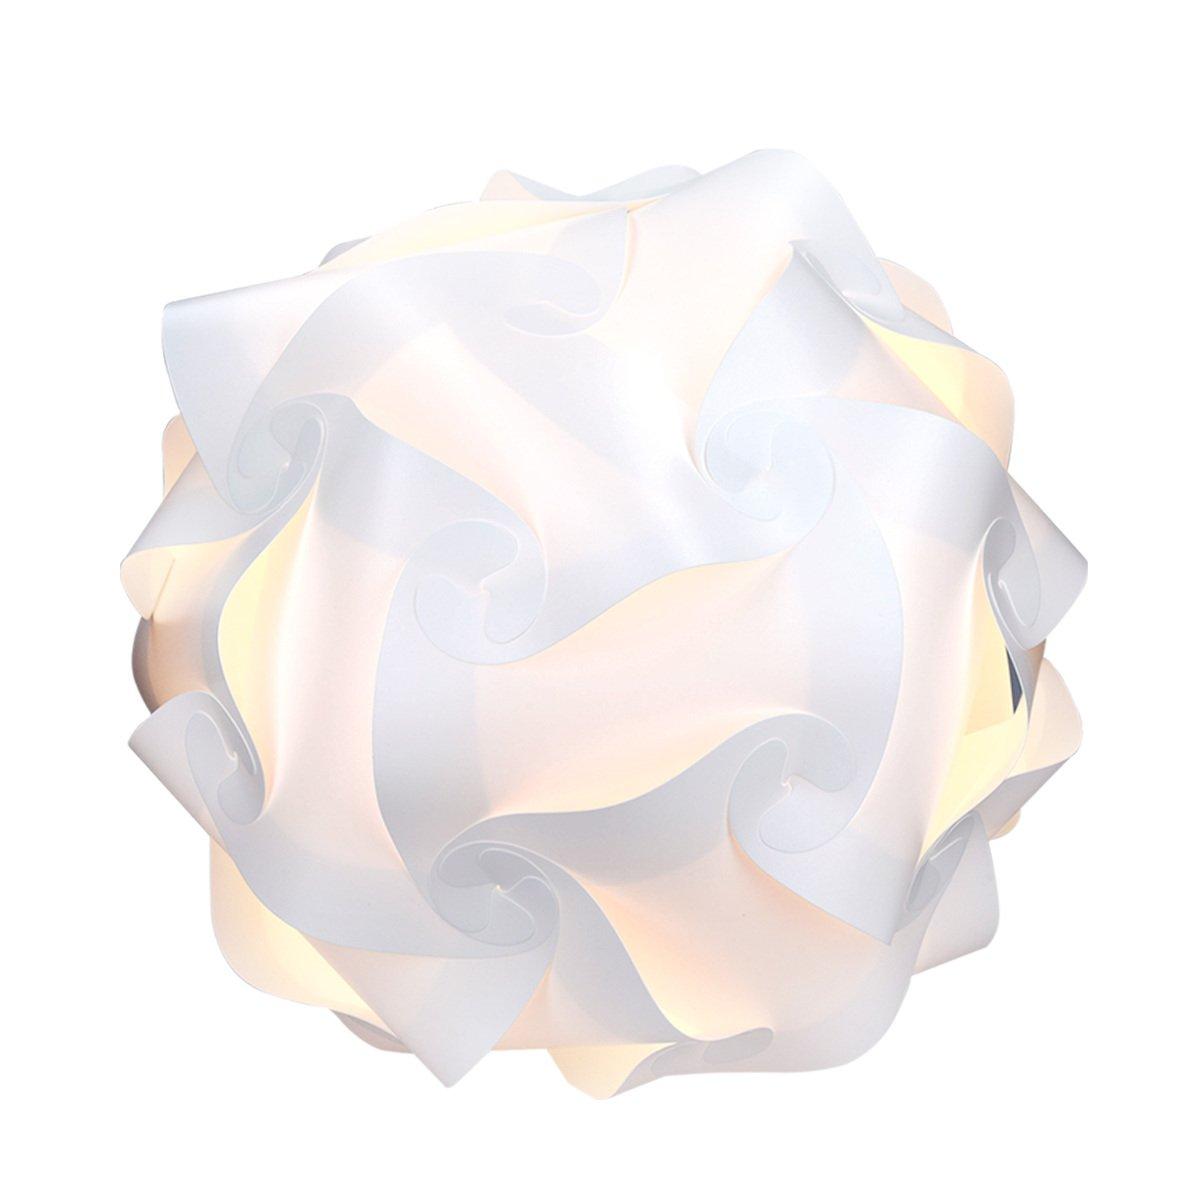 kwmobile Lampe puzzle abat-jour - Luminaire IQ plafond ou chevet - Lumière blanche - Taille M - Montage 30 pièces 15 modèles - Diamètre env. 27 cm KW-Commerce 41359_m000096